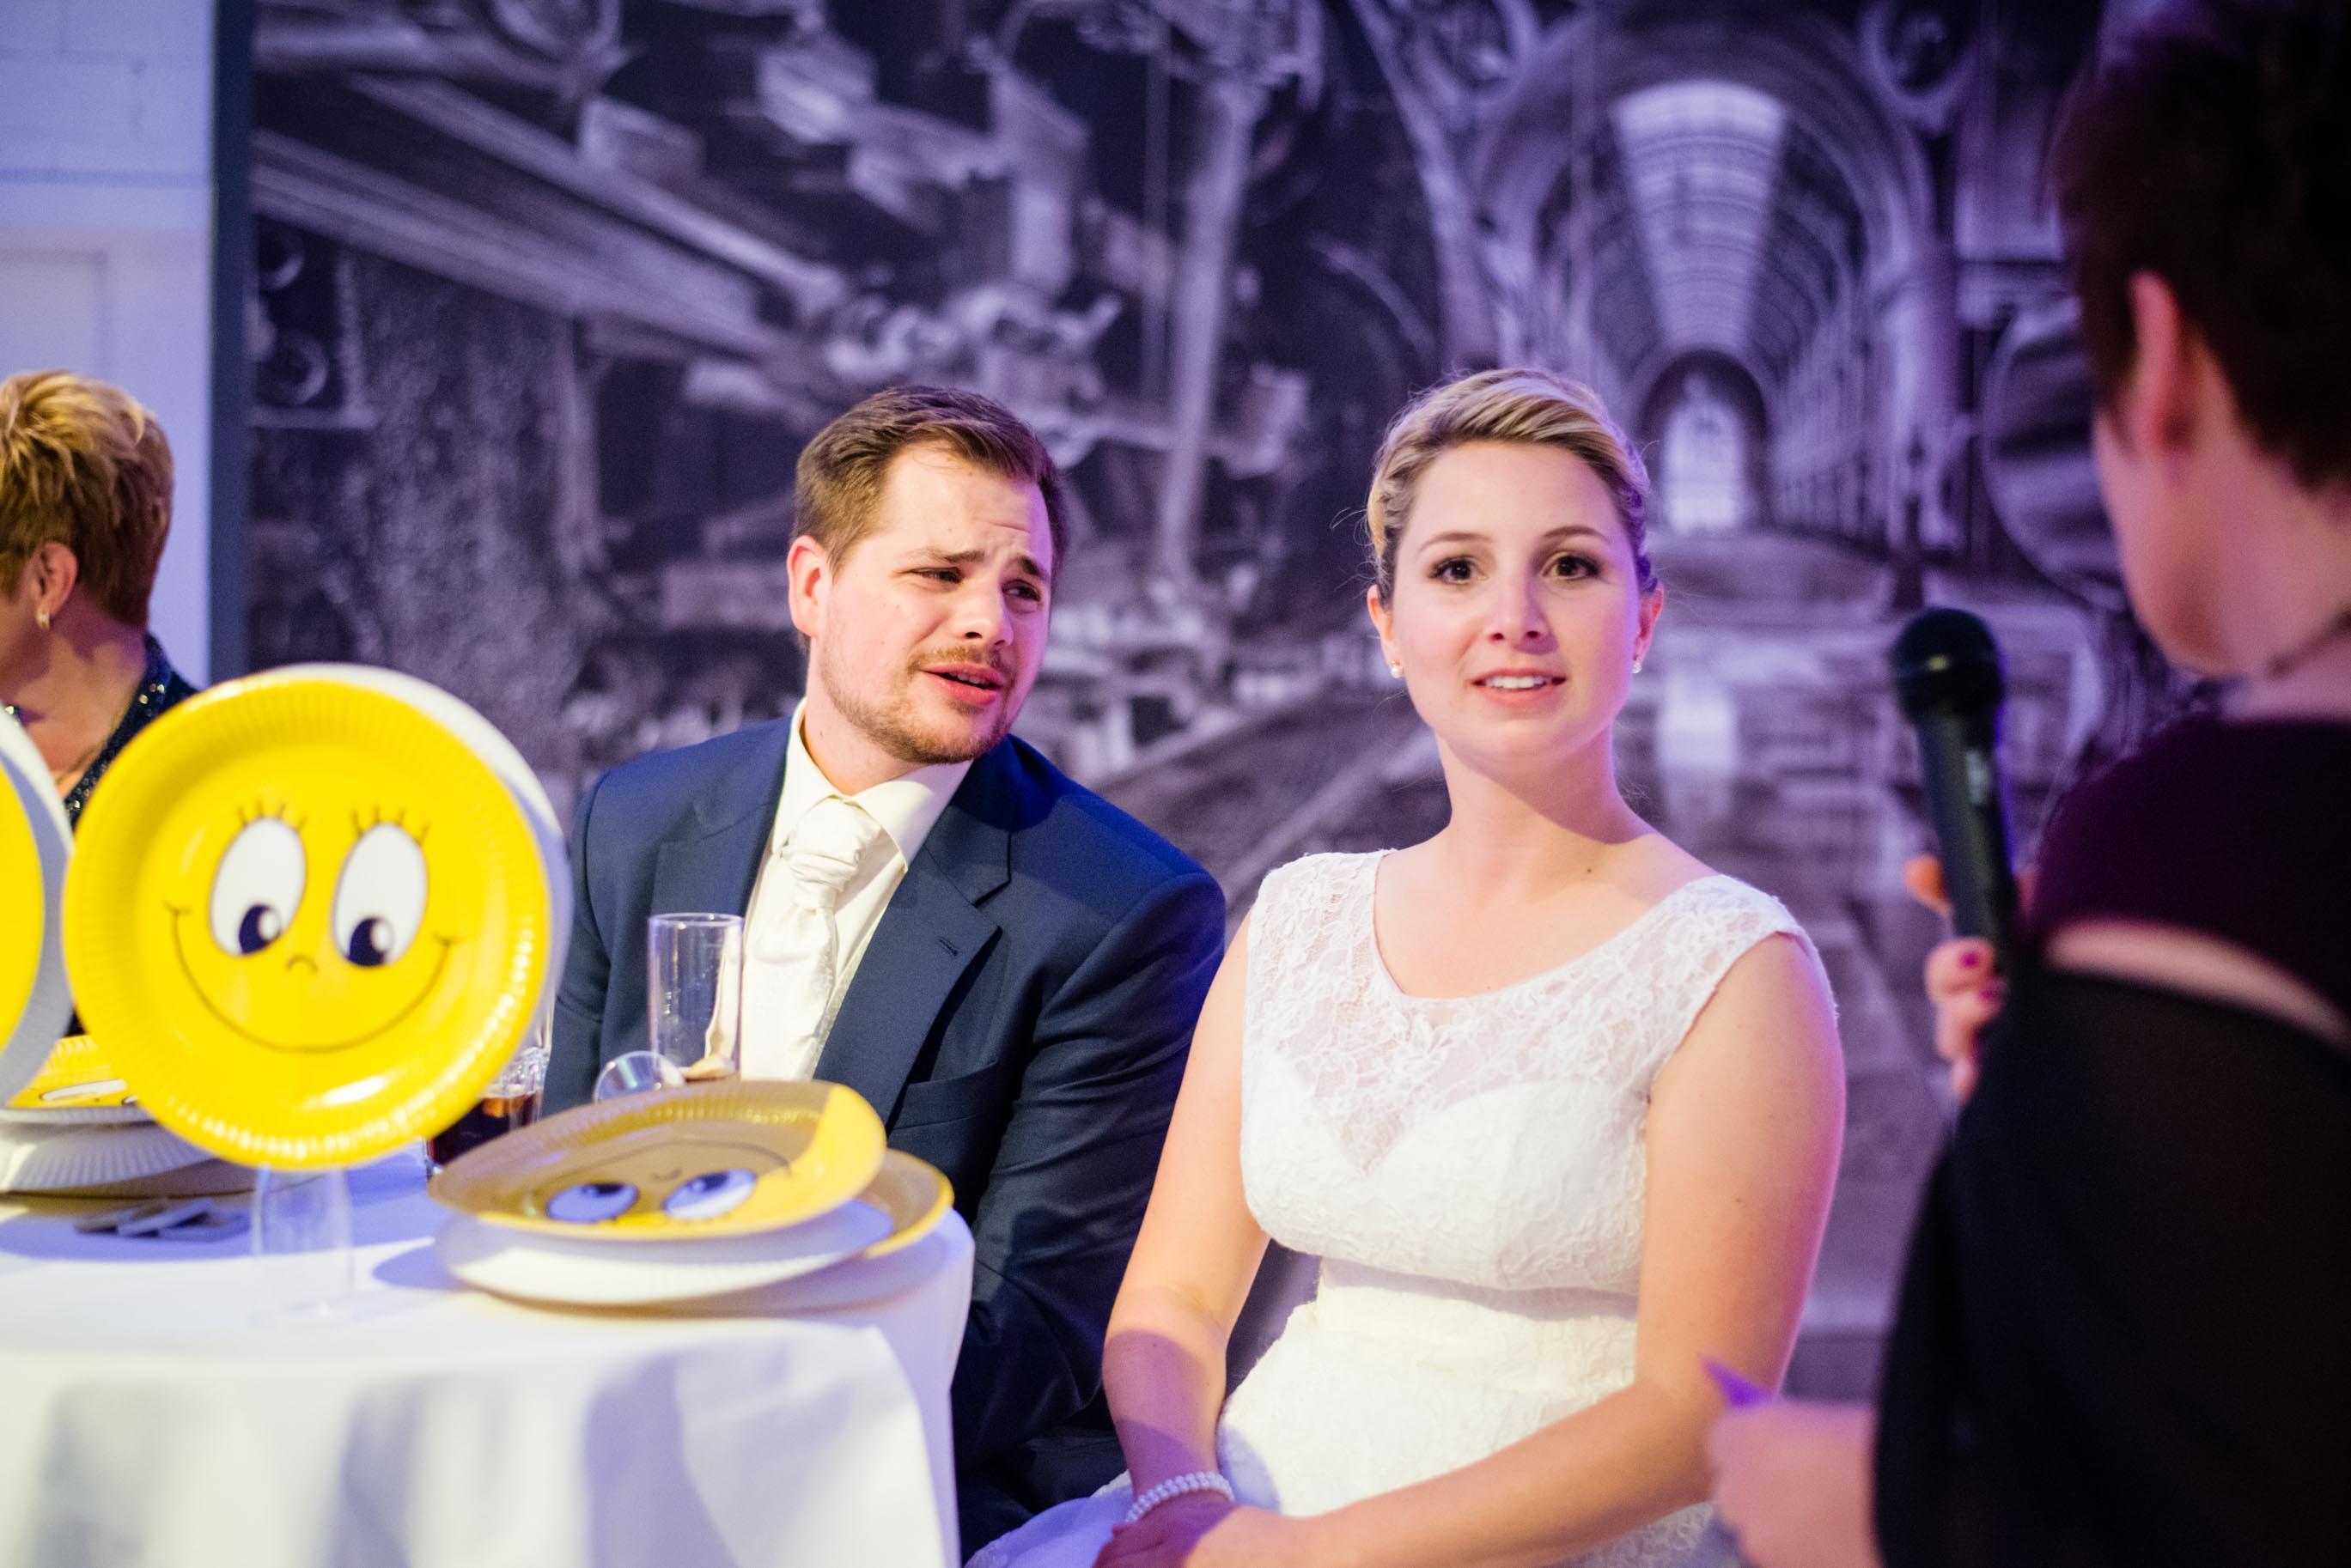 Hochzeitsfotograf_aus_Tübingen_in_Karlsruhe_(72).jpg